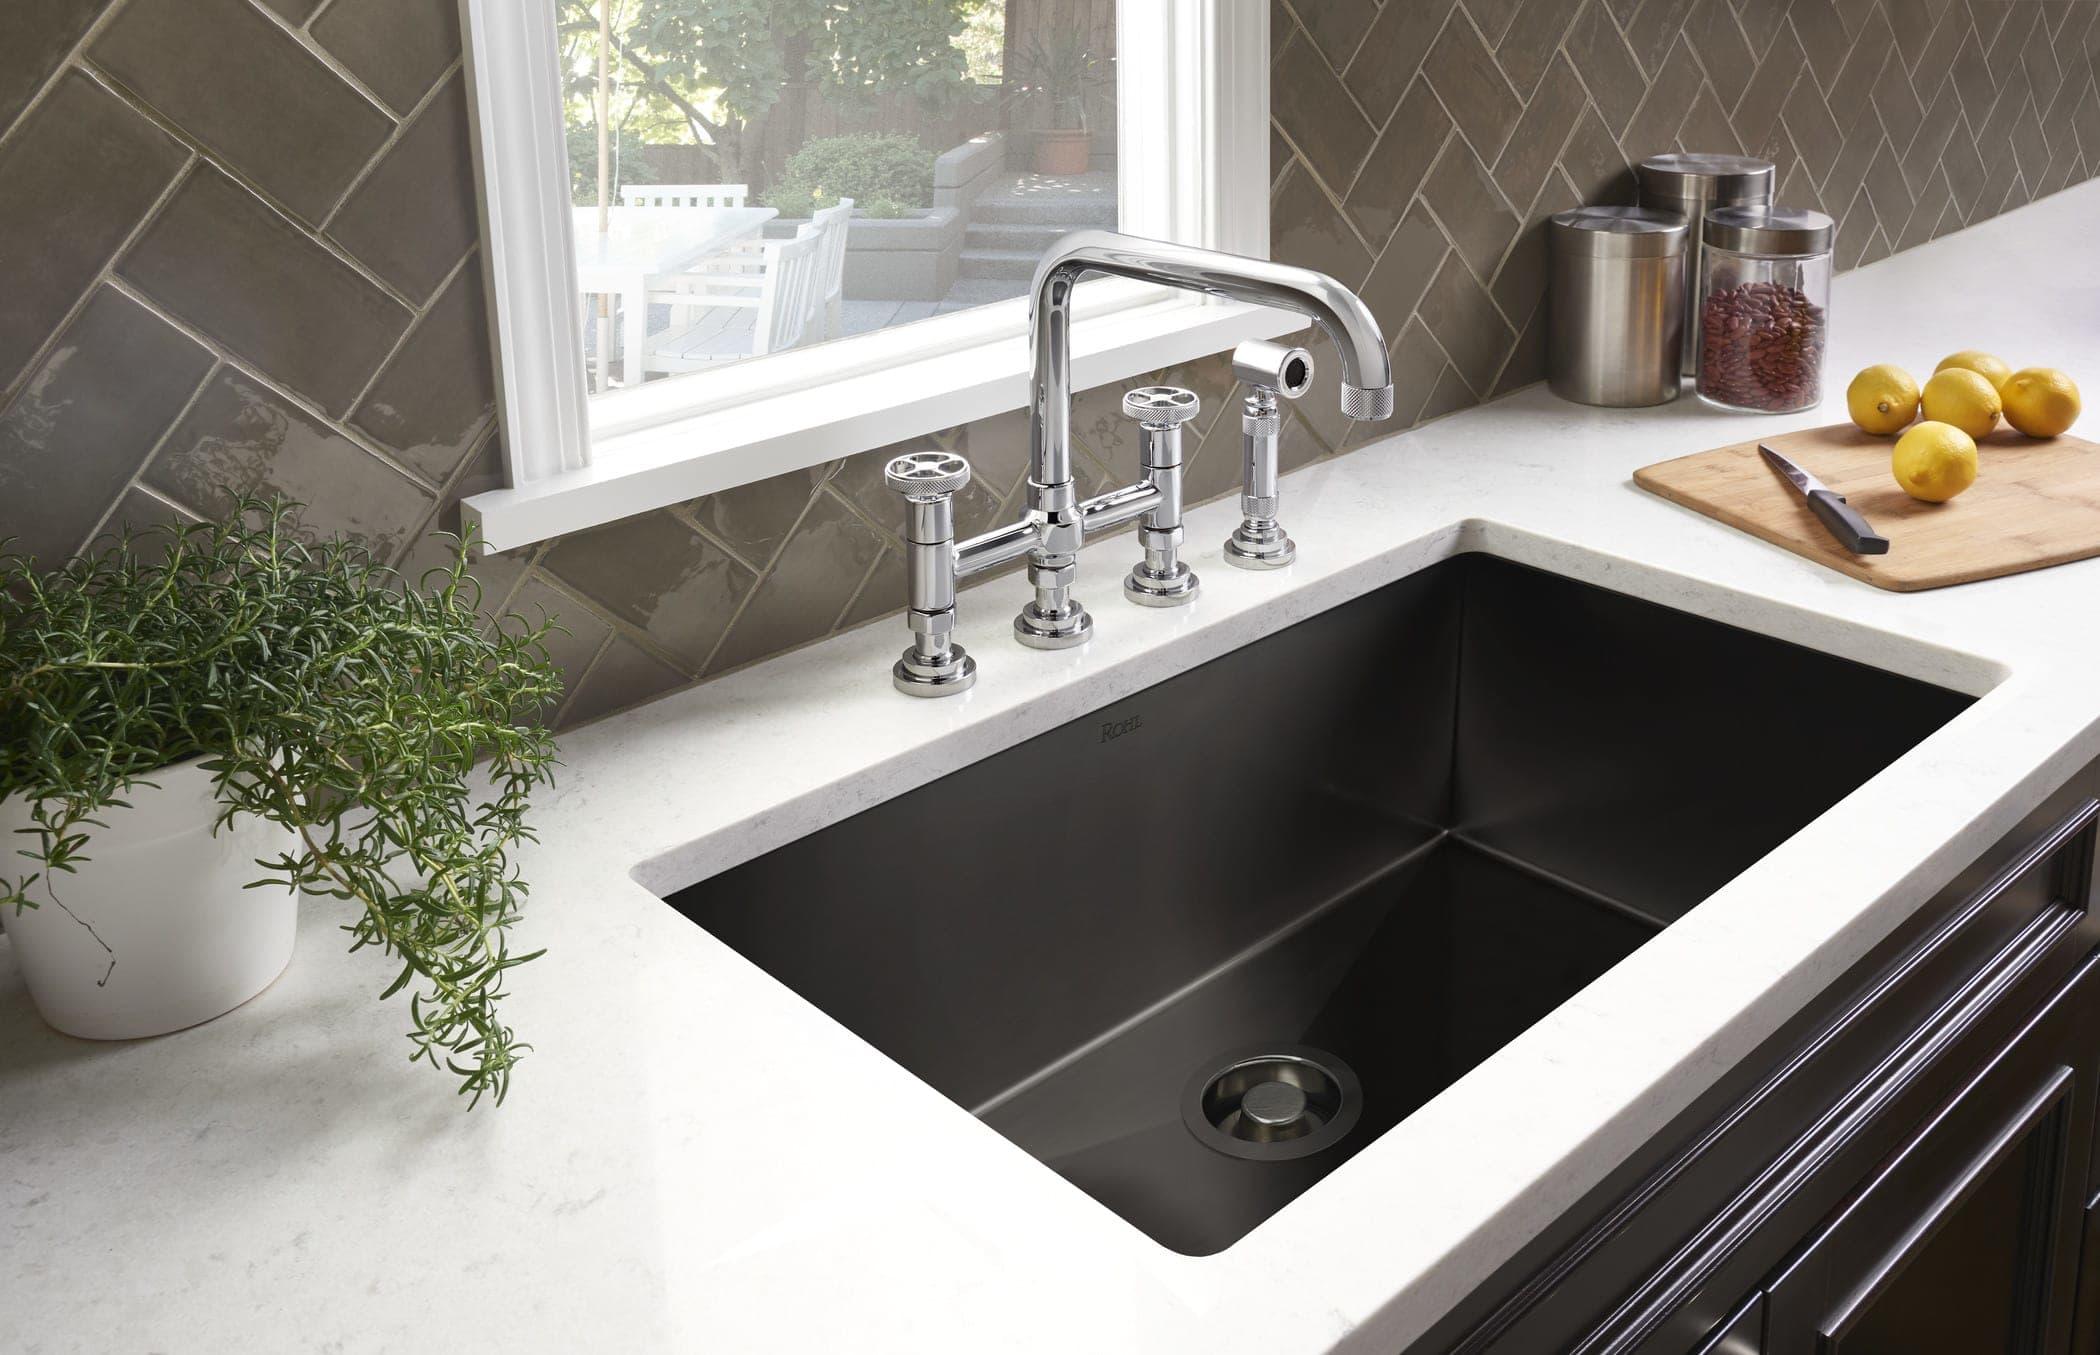 Happy dengan kitchen sink praktis